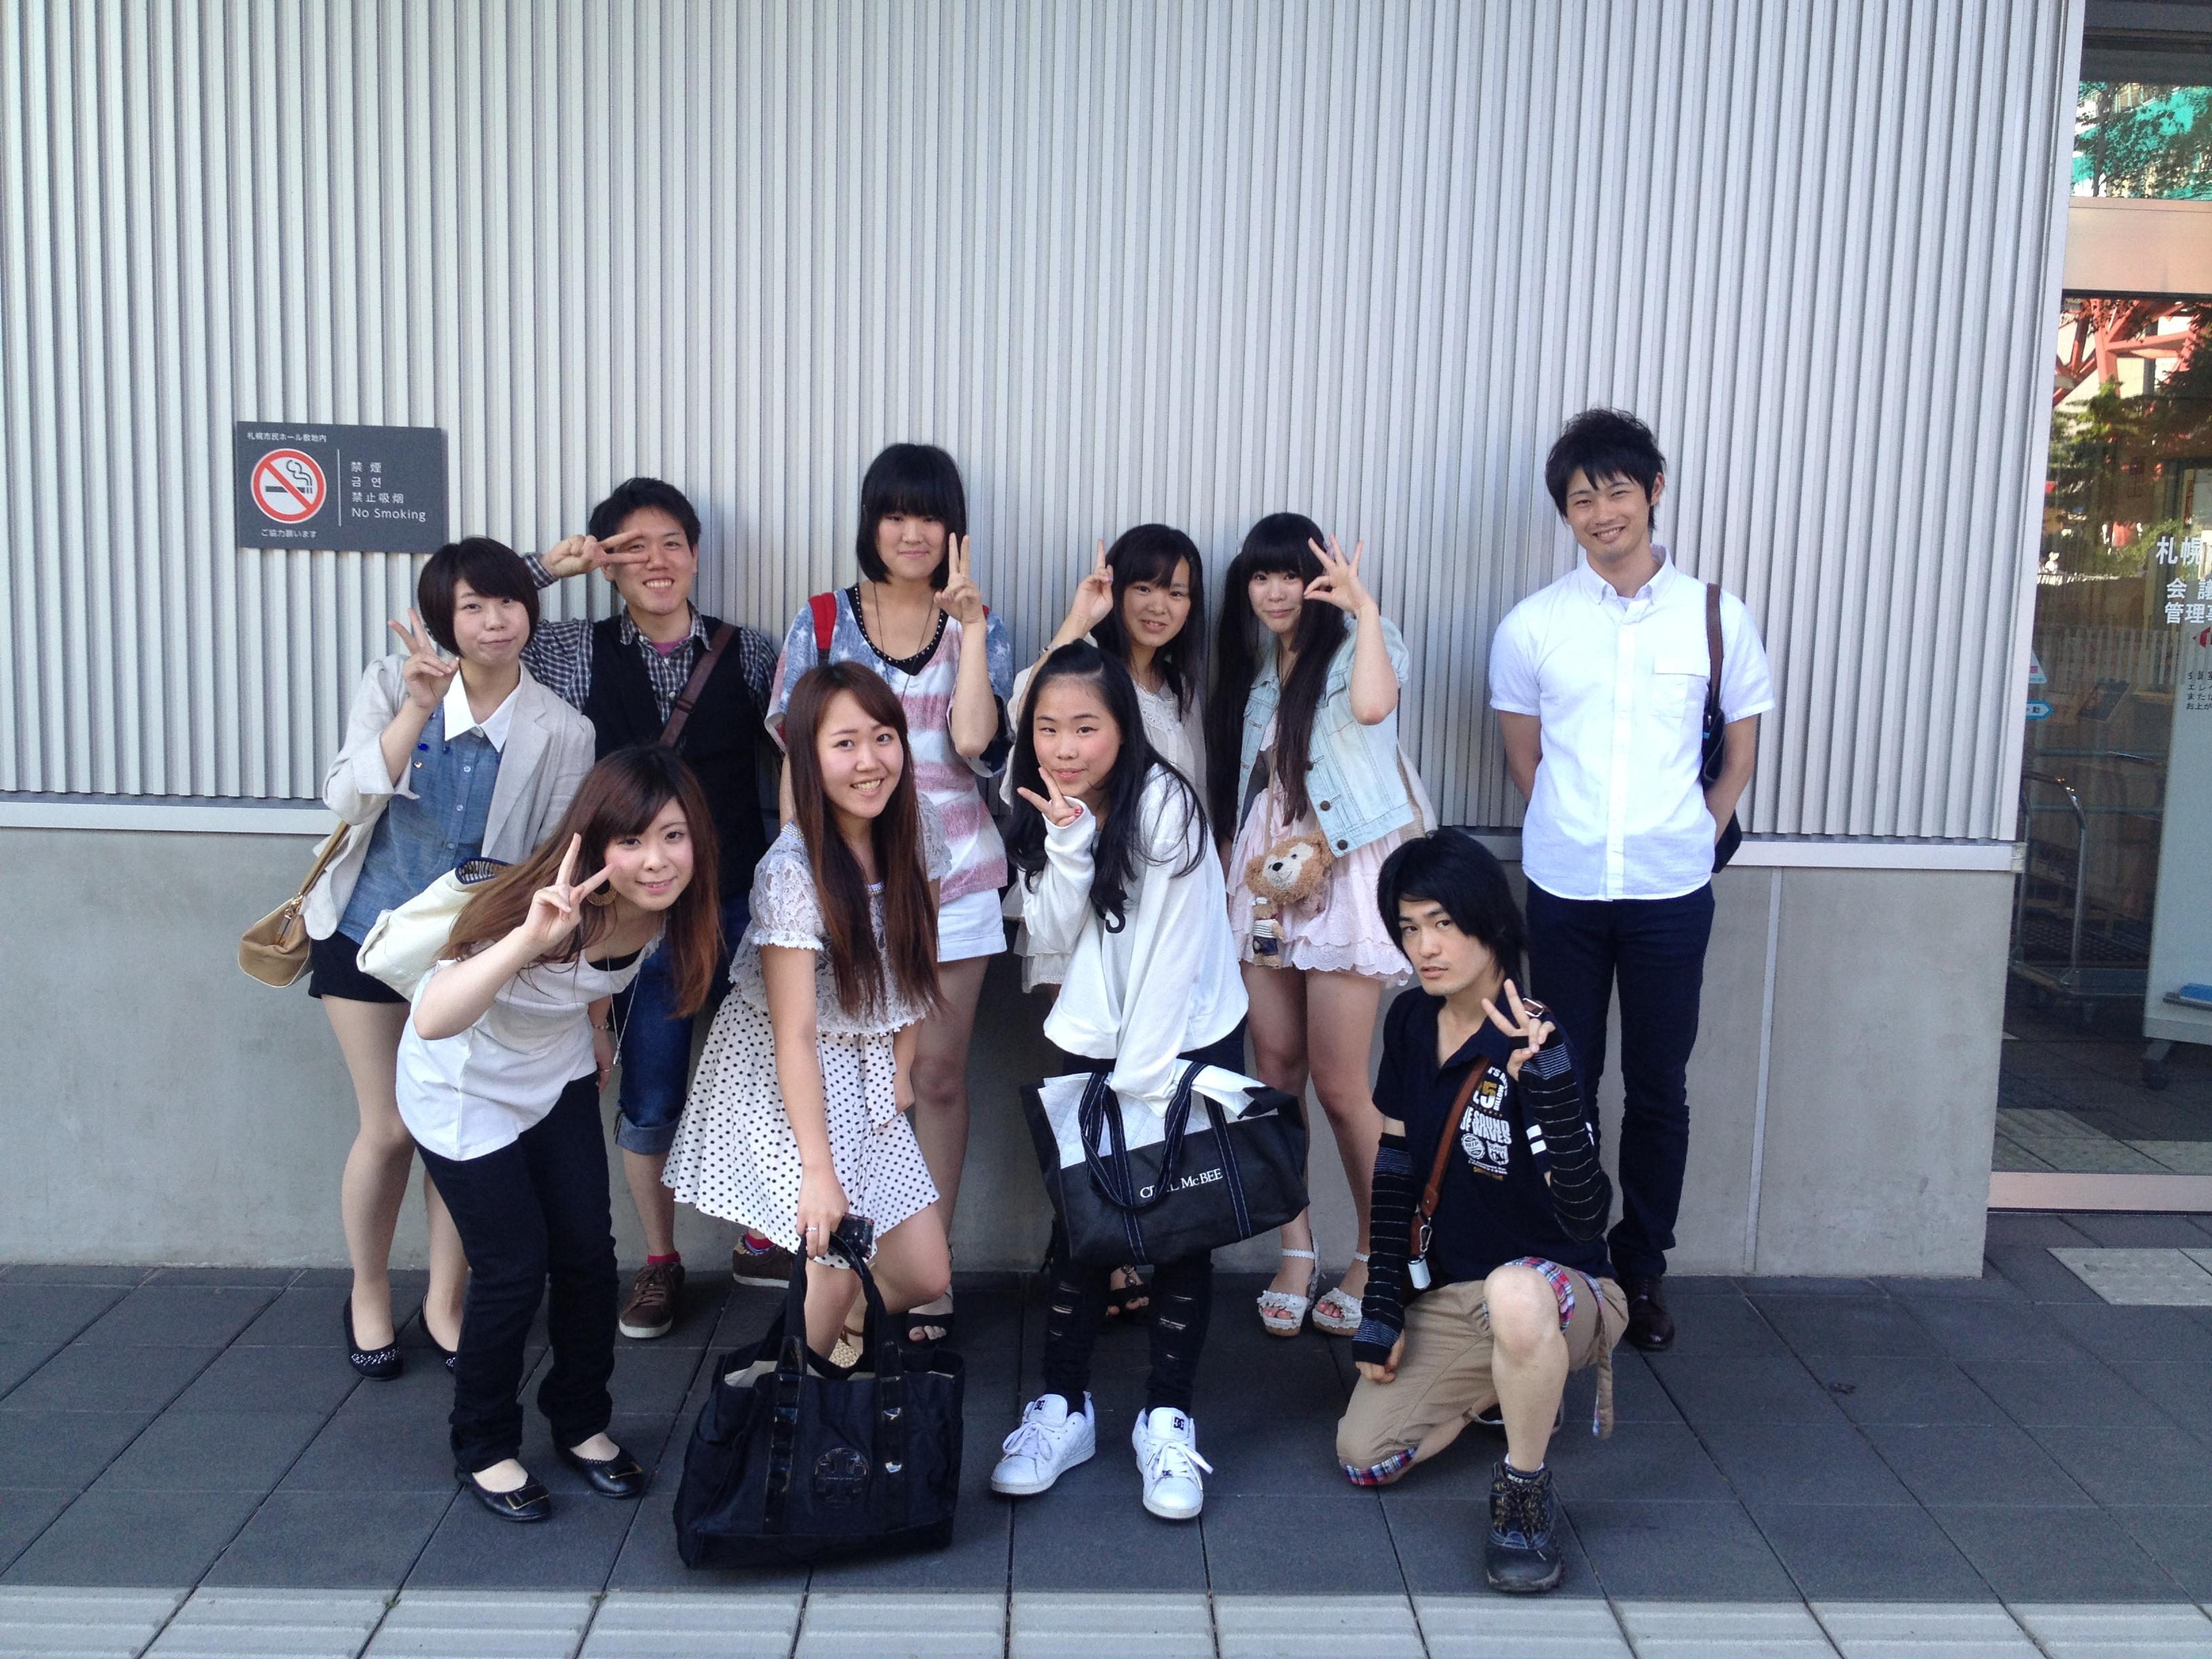 北海道で芸能界を目指す若者が集う【プロスタ交流会】第一回無事終了